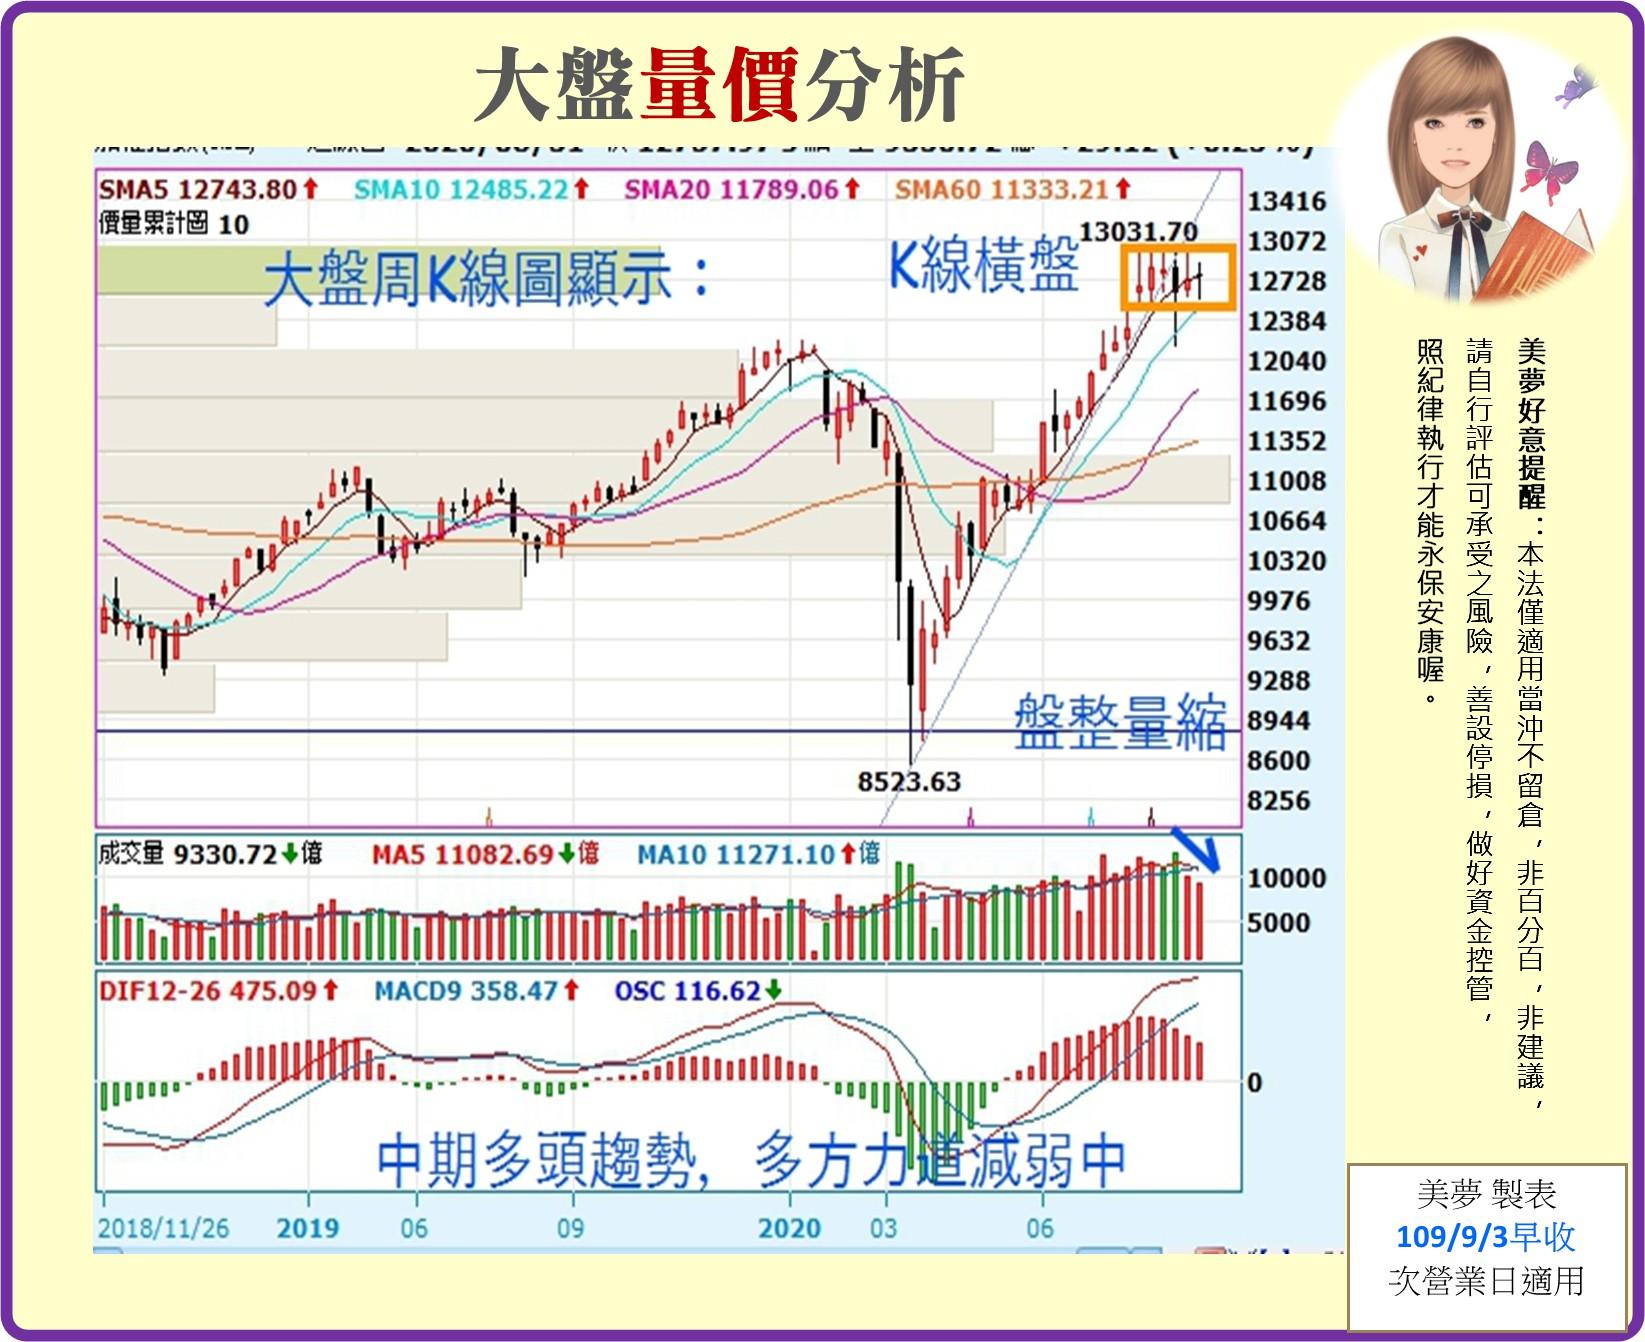 1090904 美夢冠軍-股市_03